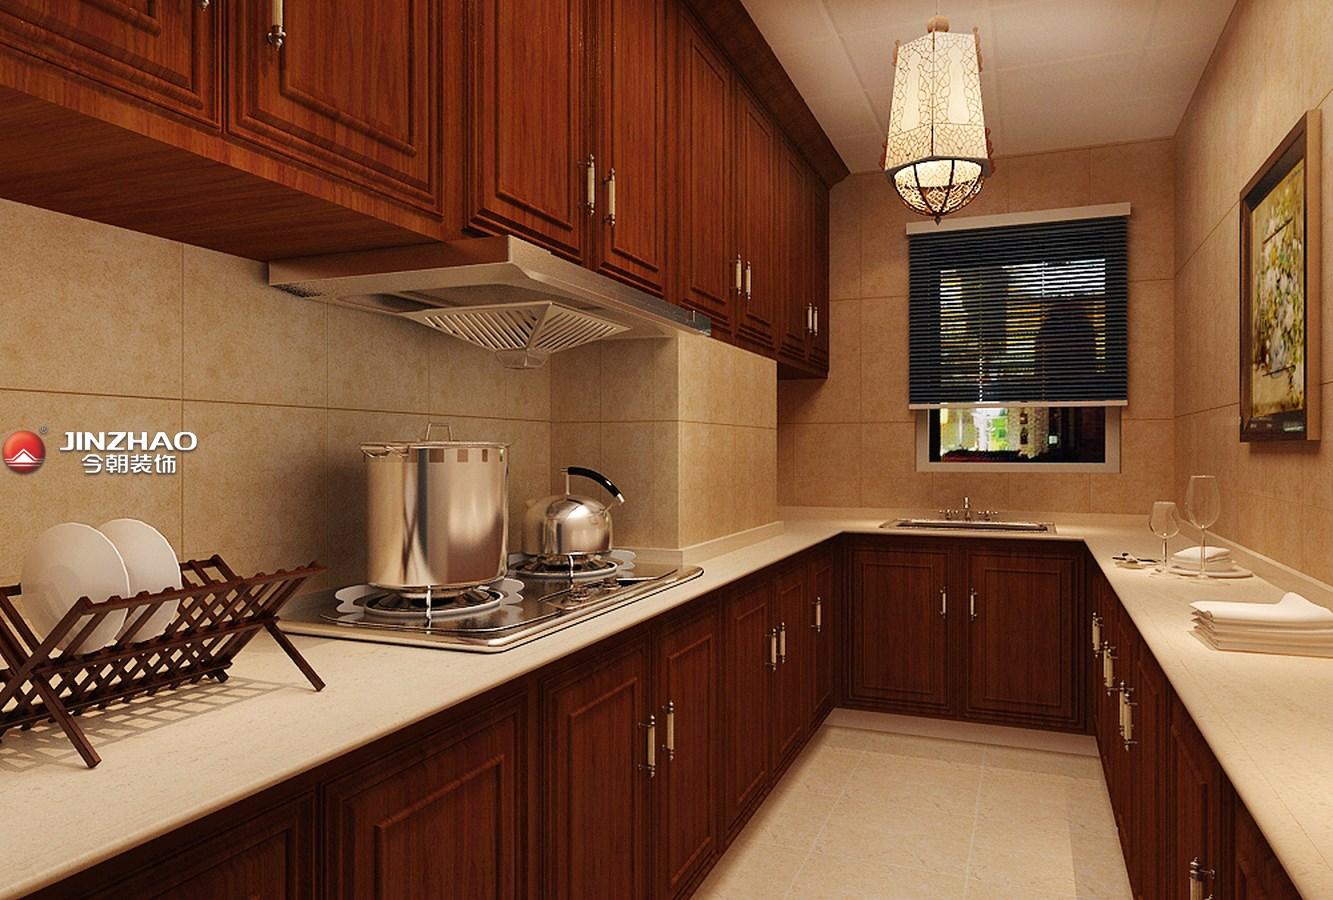 欧式 厨房图片来自152xxxx4841在恒大绿洲 210平复式的分享